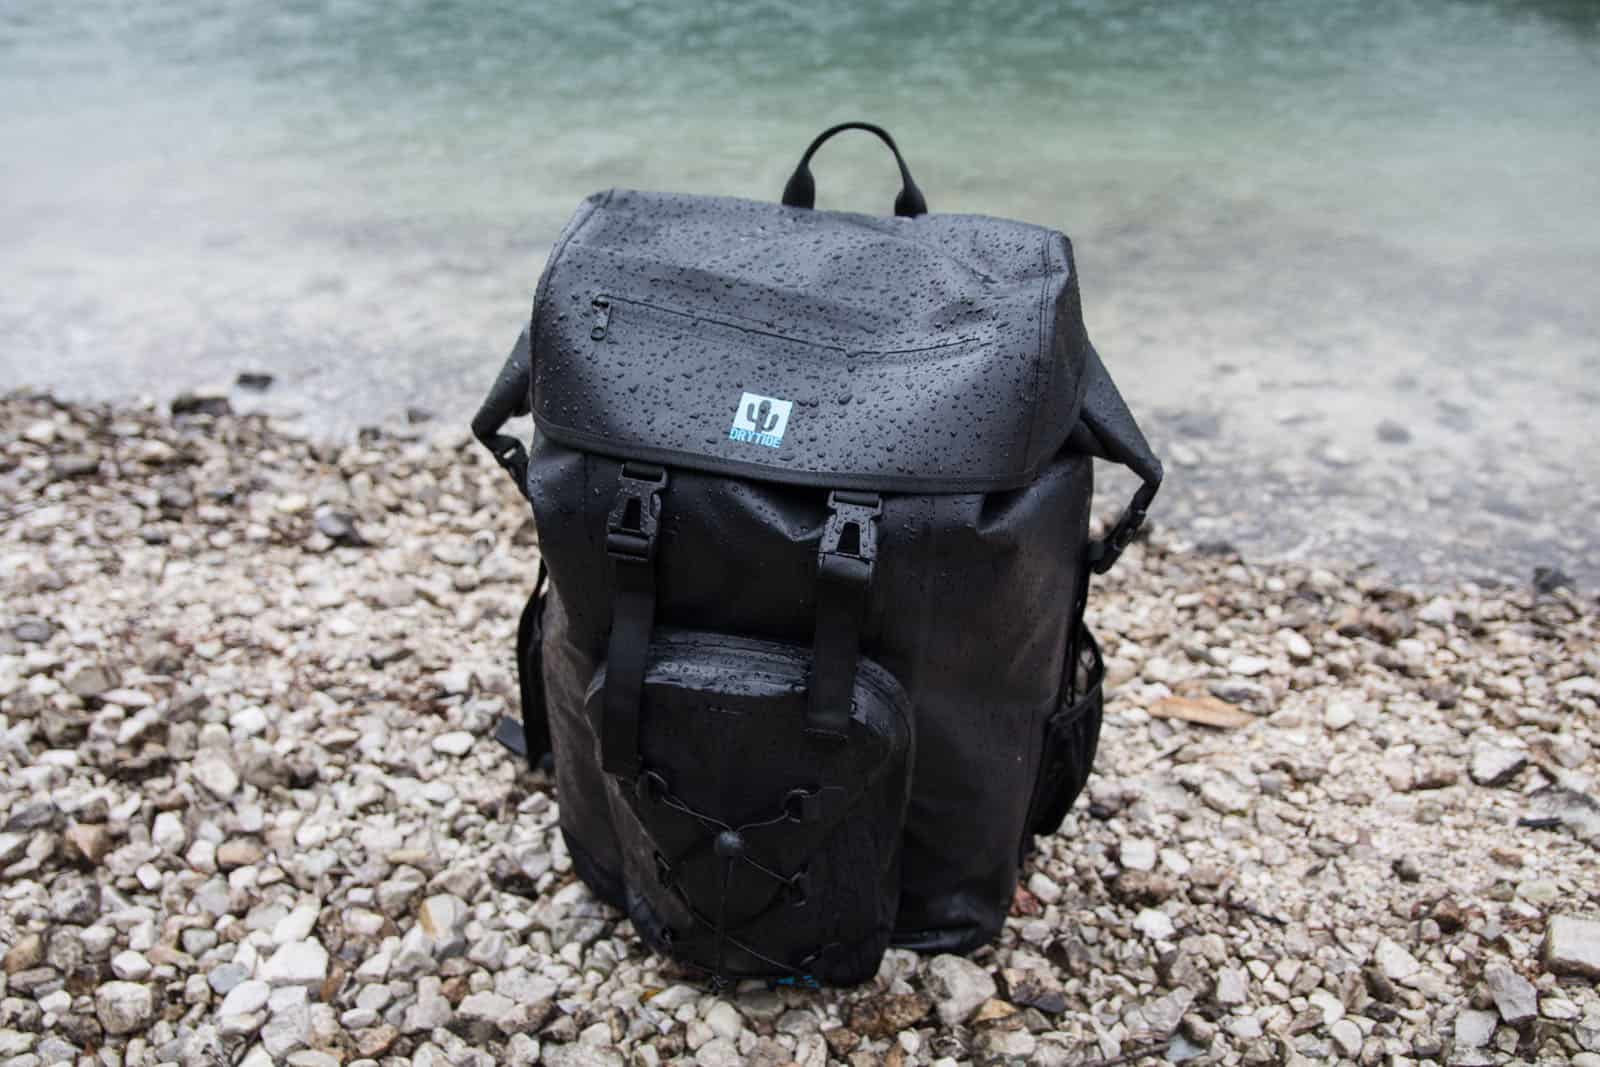 DryTide Waterproof Backpack - 360Guide